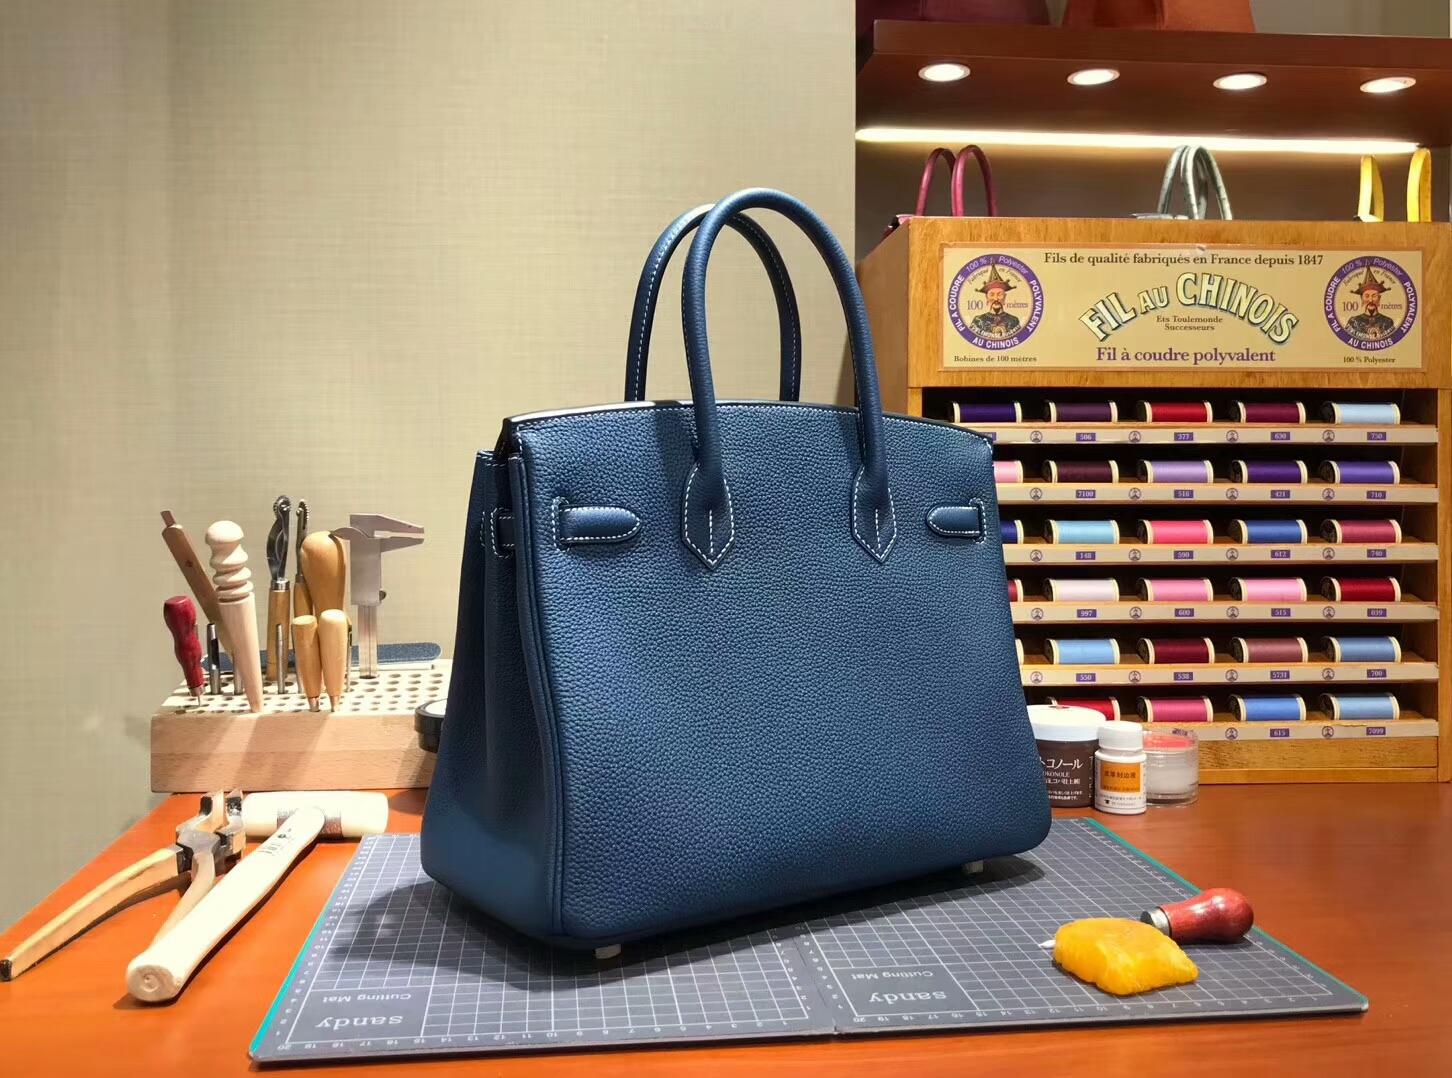 爱马仕 HERMES 铂金包 Birkin 30cm 配全套专柜原版包装 全球发售 2Z午夜蓝BlueNuit